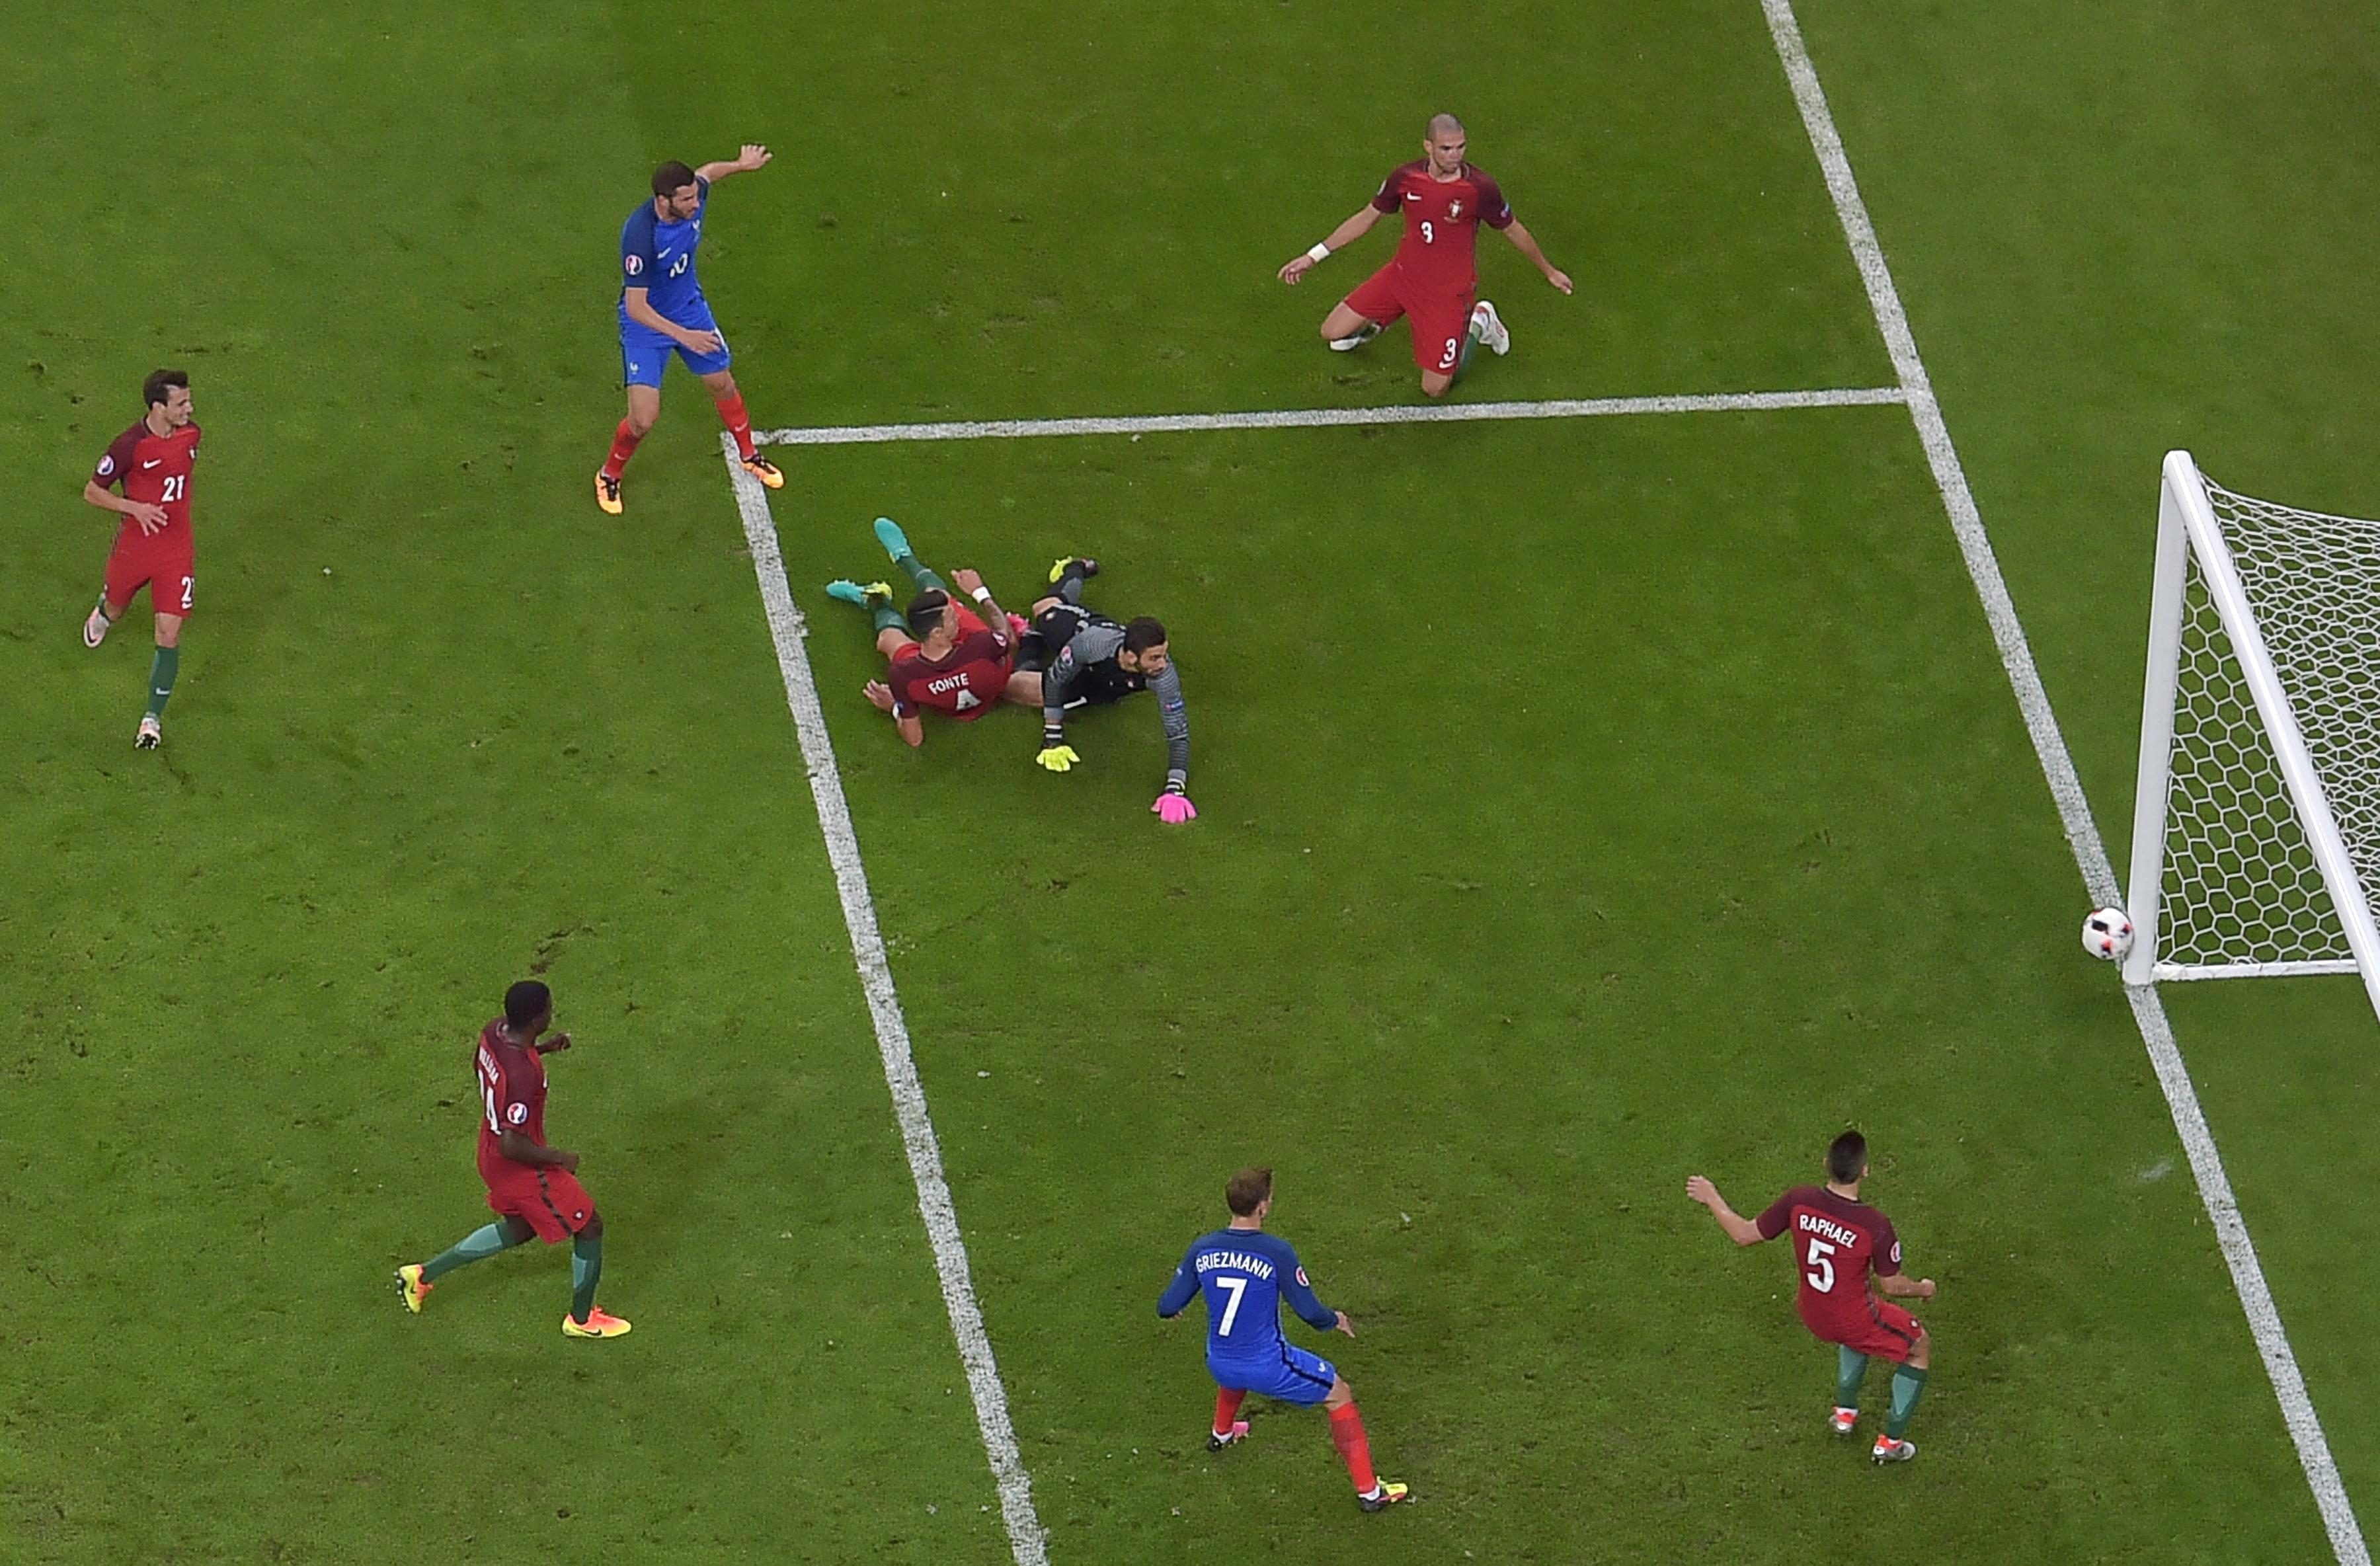 法國前鋒基格納(左上2)射中門柱。(Franck FIFE/AFP)